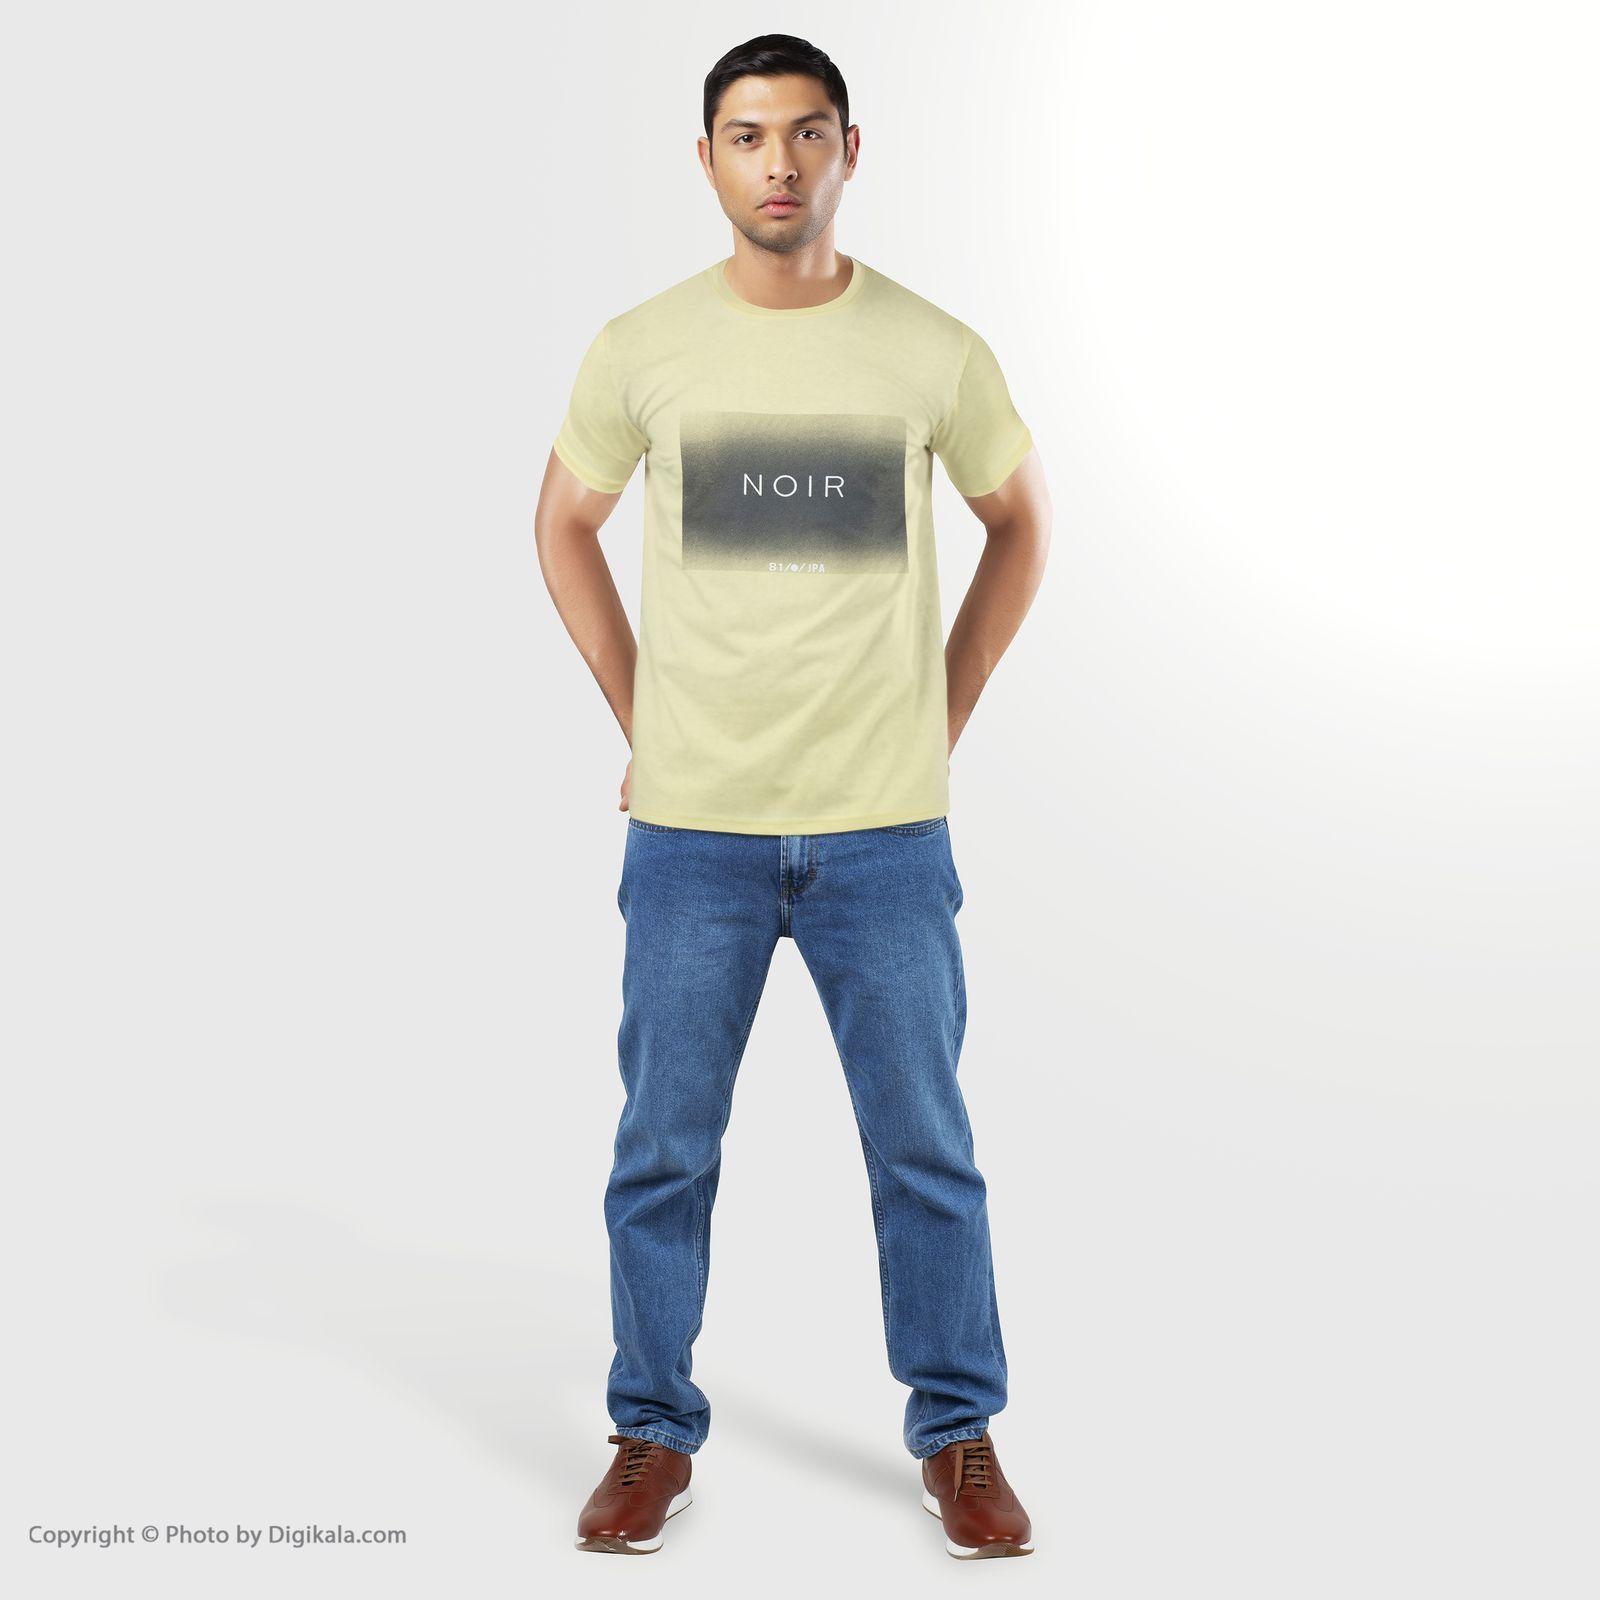 تی شرت مردانه جامه پوش آرا مدل 4011018304-16 main 1 1